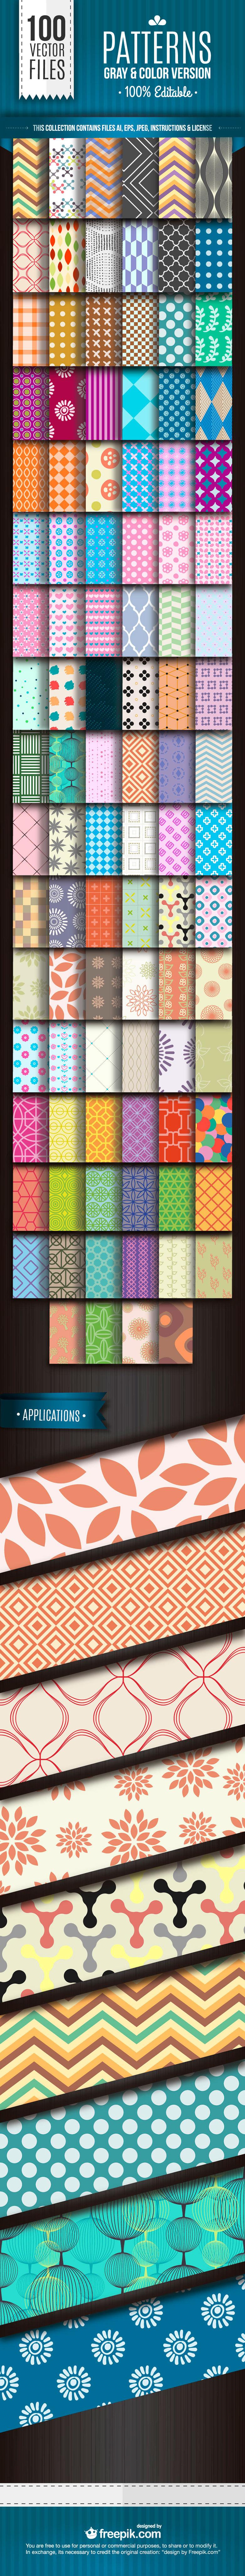 100 가지 무료 벡터 패턴 - 100 Free Vector Patterns